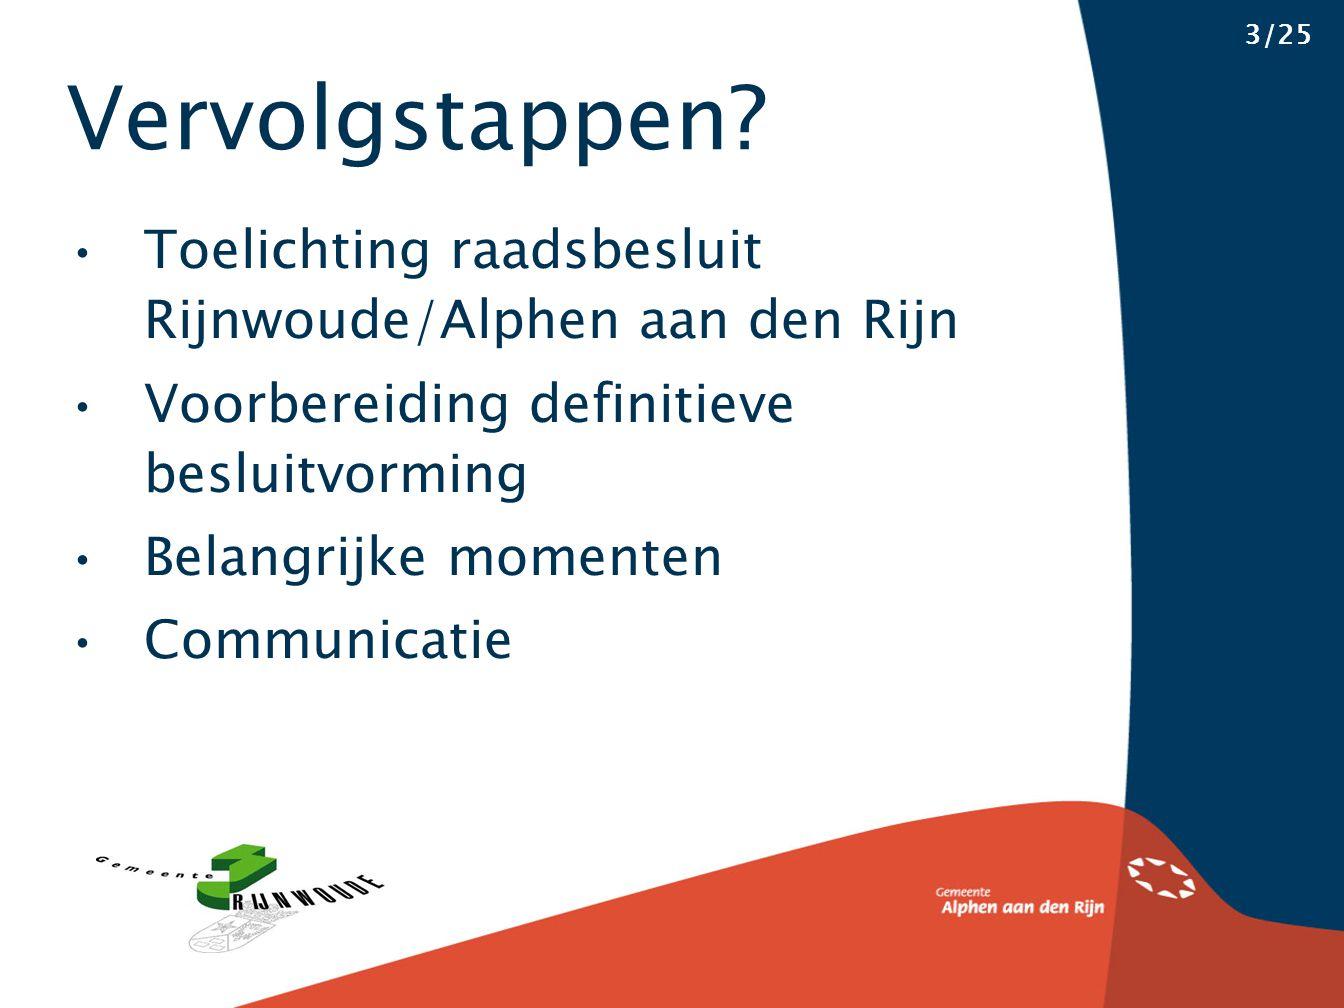 Vervolgstappen? 3/25 Toelichting raadsbesluit Rijnwoude/Alphen aan den Rijn Voorbereiding definitieve besluitvorming Belangrijke momenten Communicatie